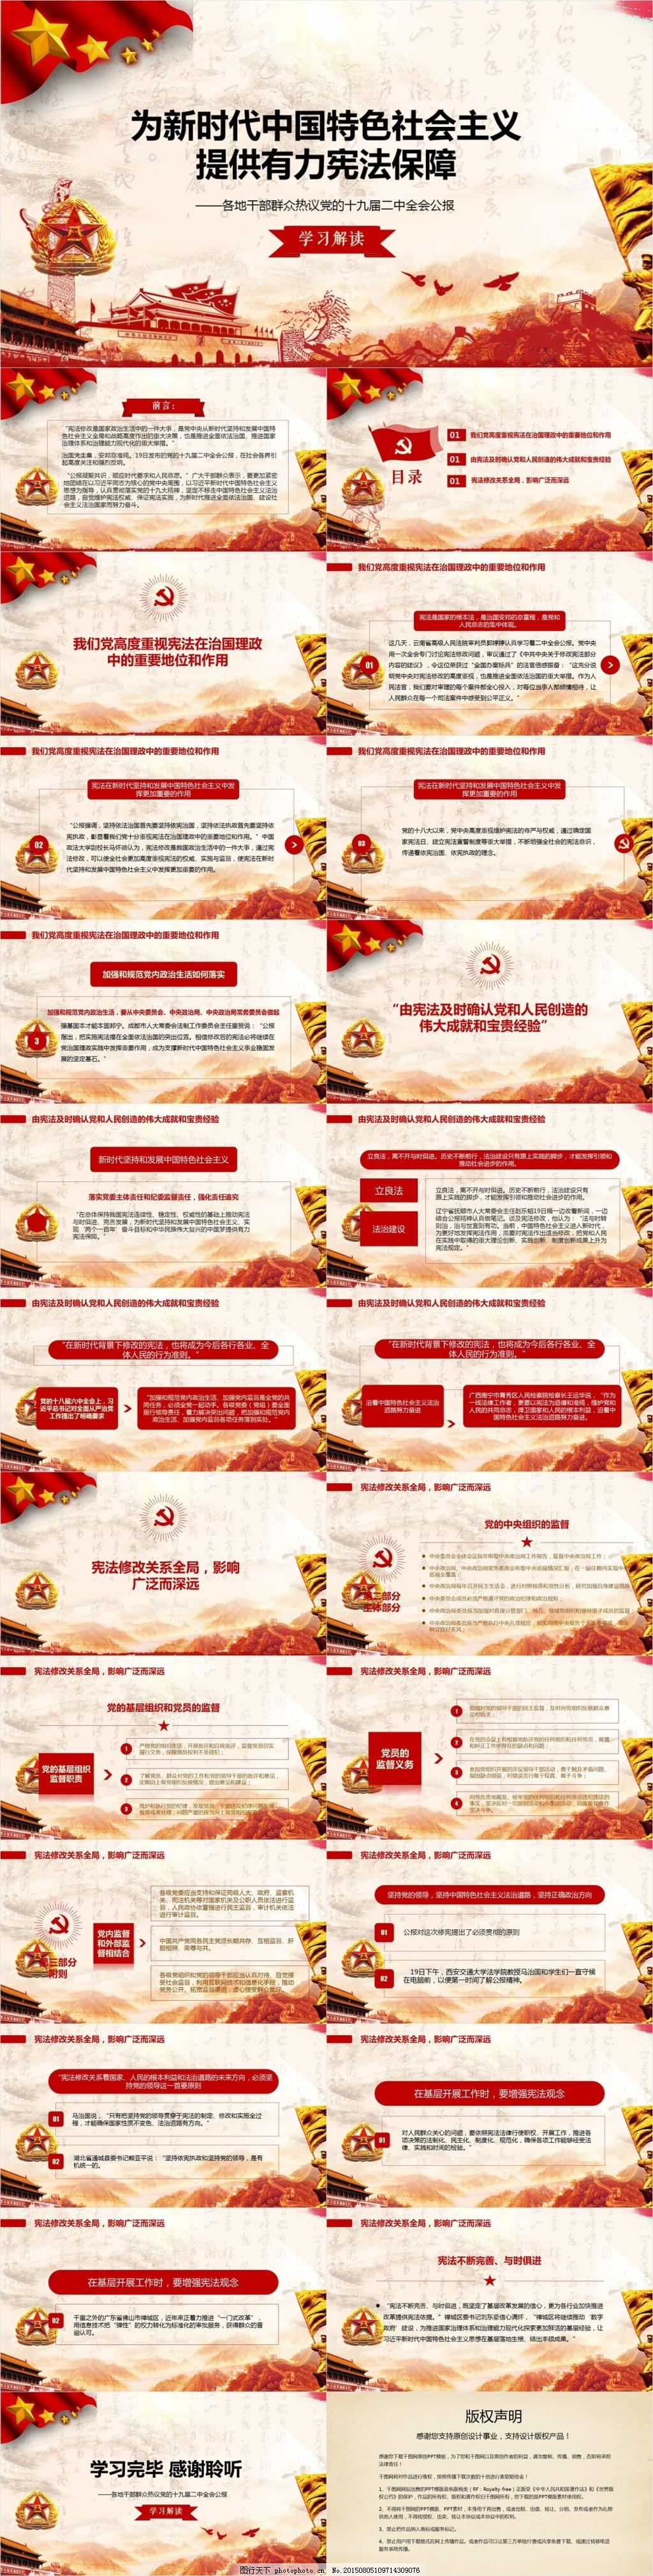 新时代中国特色社会主义保障PPT模板范本,ppt,党的十九届二中全会公报,国家政治,宪法修改